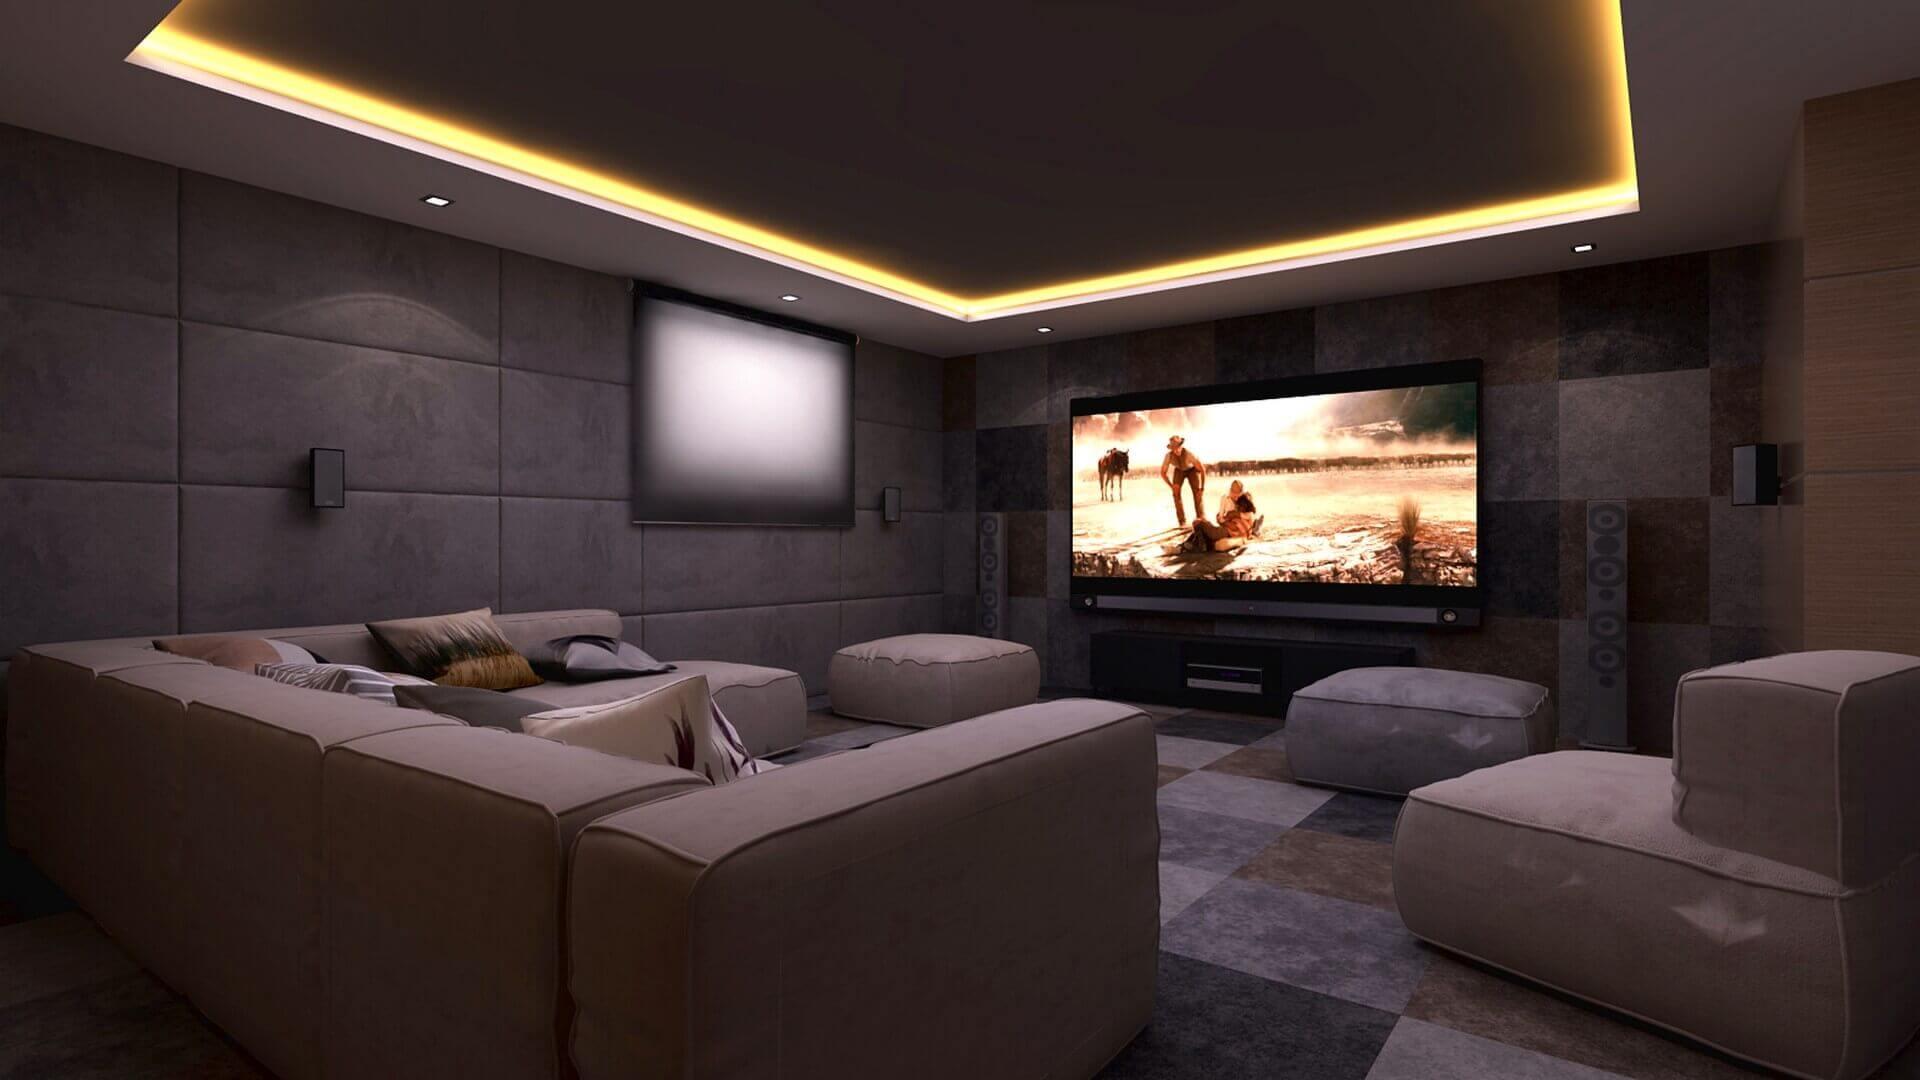 home inspiration 3012 E. Uslu Konutu Residential